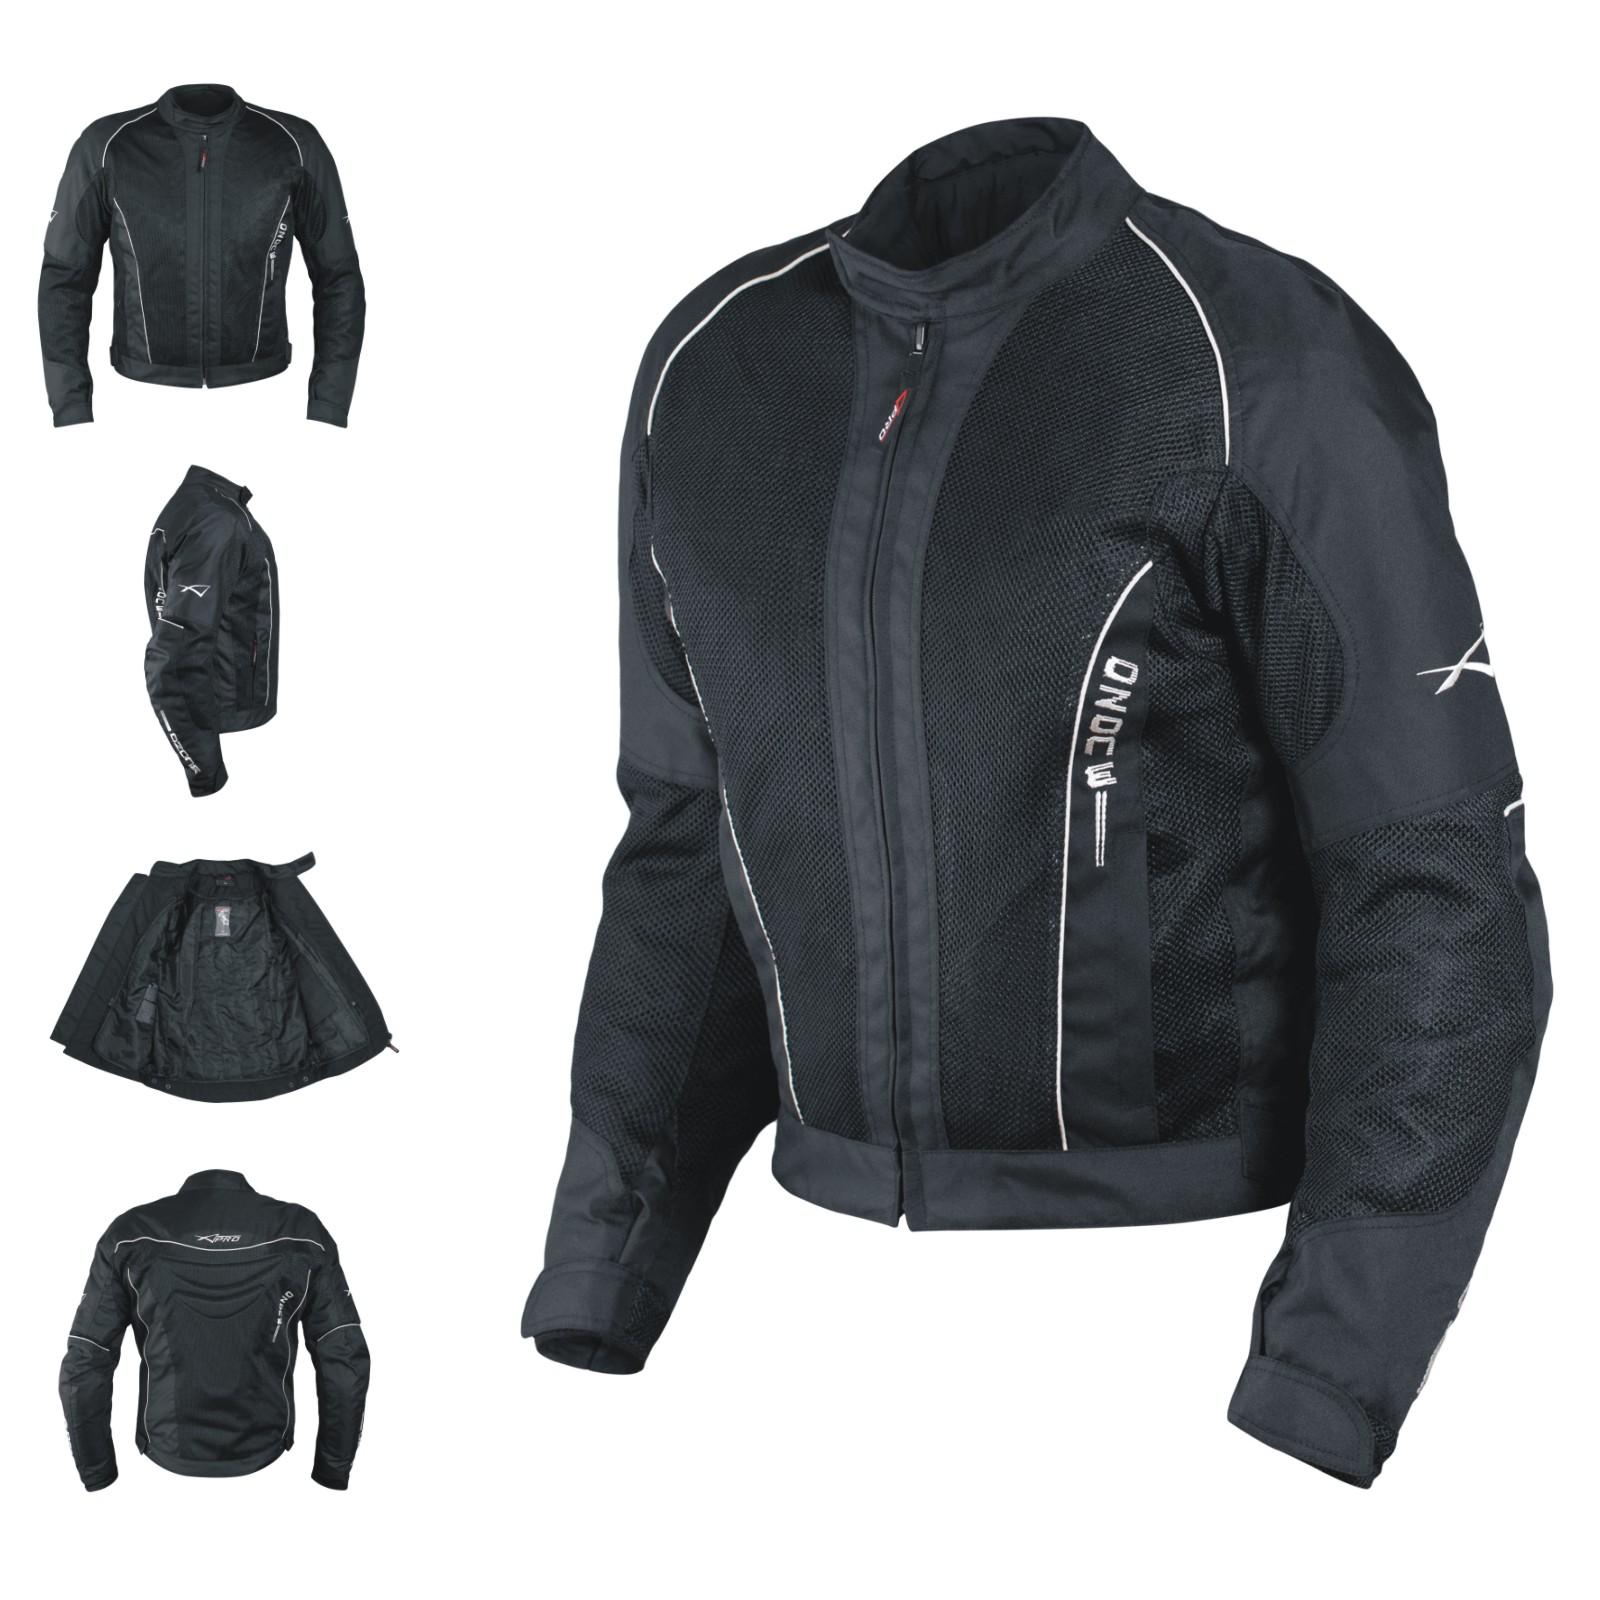 Giacca-Giubbino-Mesh-Traforato-Traspirante-Tessuto-Tecnico-Moto-Sport-Nero